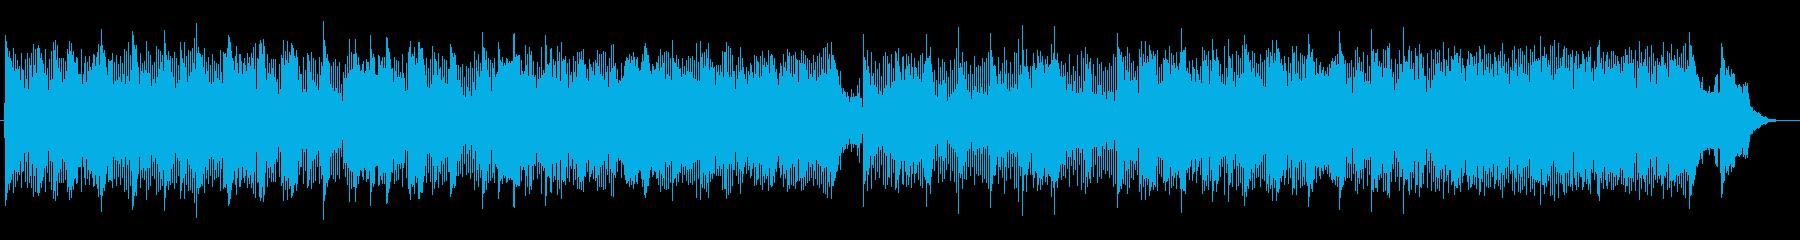 お洒落で滑らかなシンセが特徴のポップスの再生済みの波形